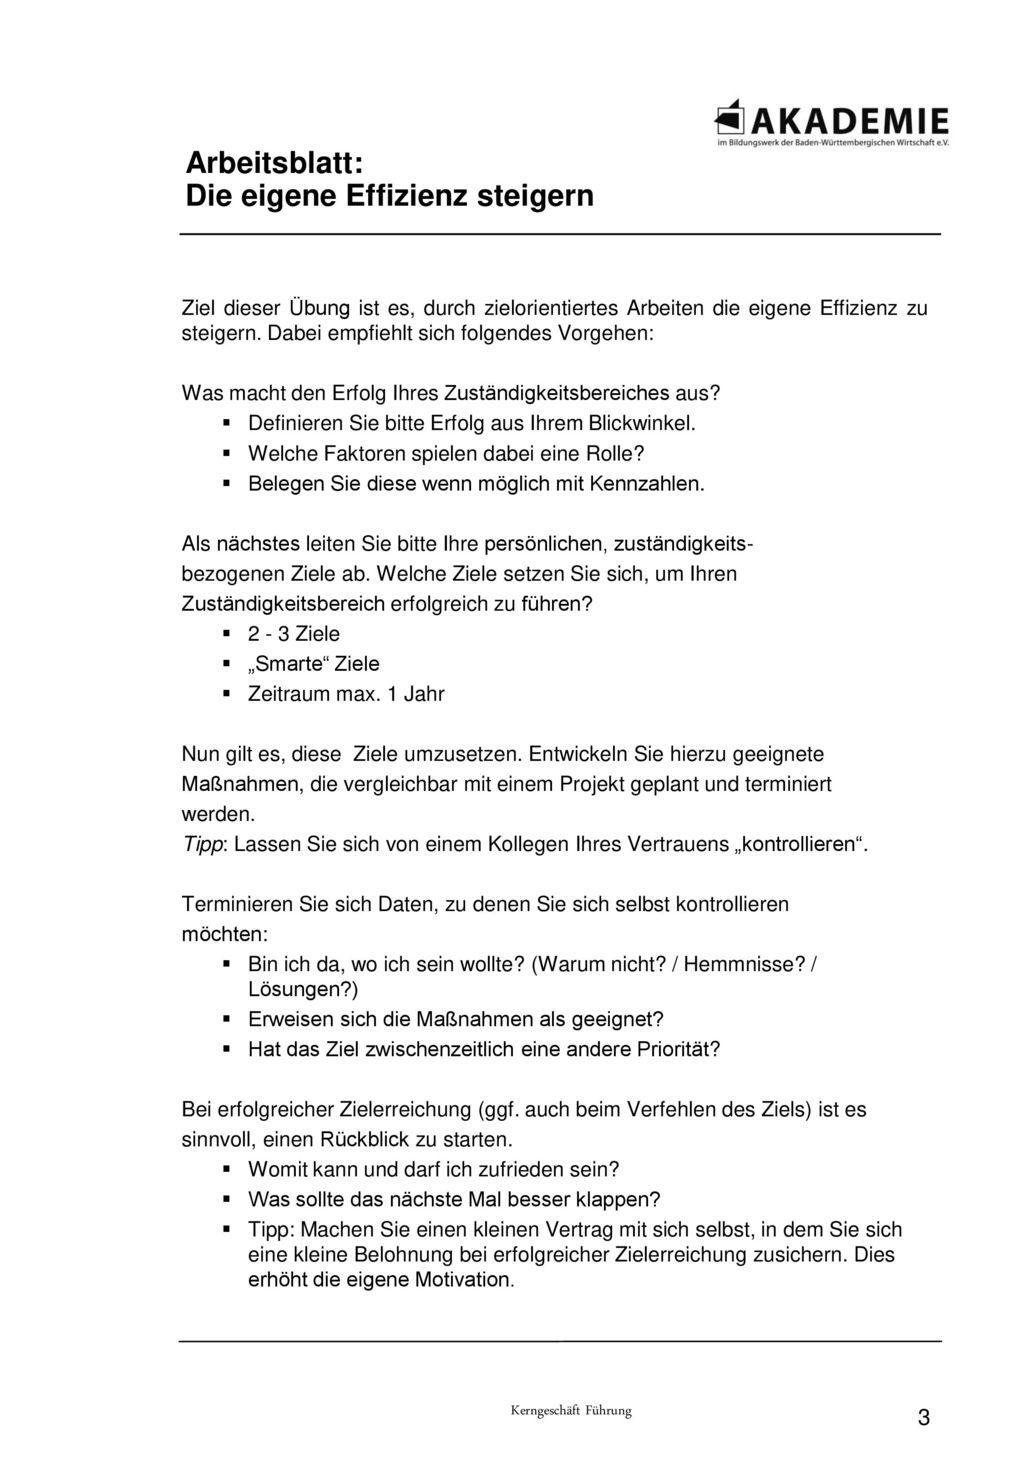 Kerngeschäft Führen – Ziele, Planung, Organisation M2 Arbeitsblätter ...